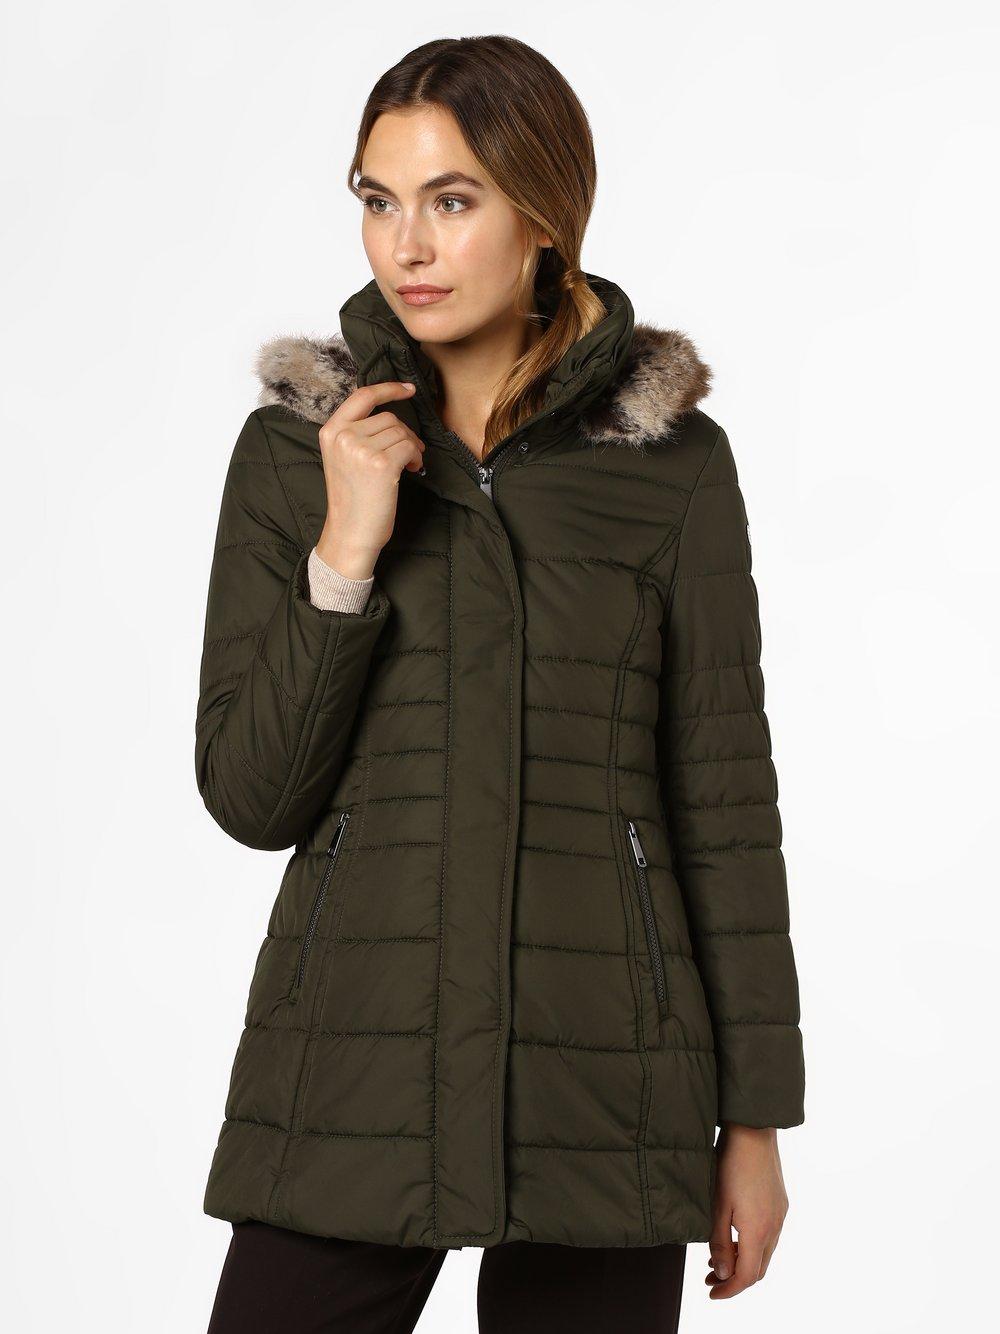 Taifun - Damski płaszcz pikowany, zielony